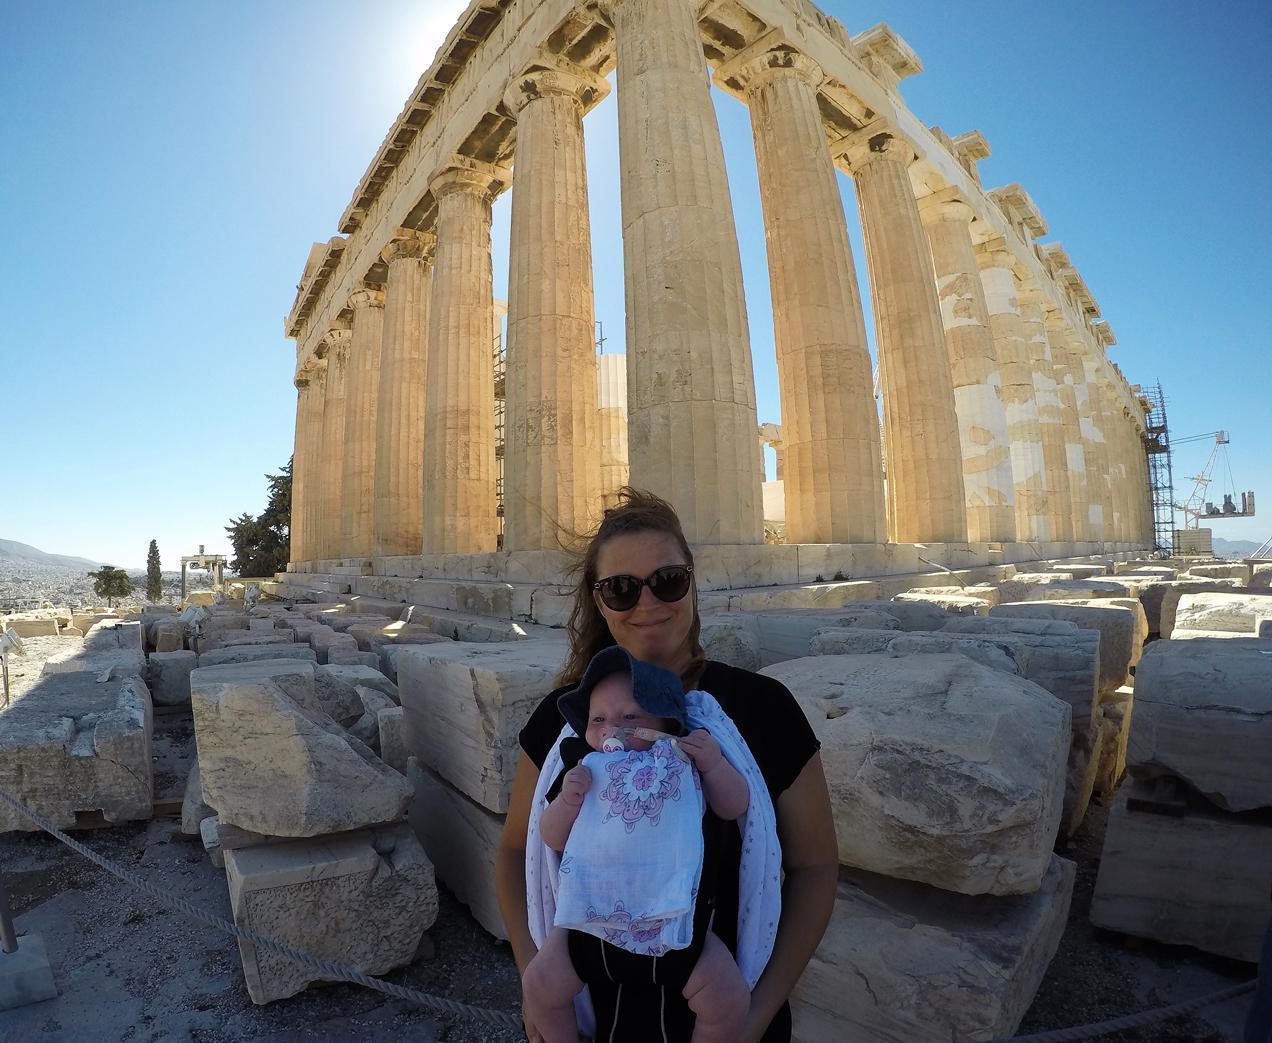 הפלגה לאתונה והמפרץ הסארוני (יוון) - סיור באתרי עתיקות | דרך הים